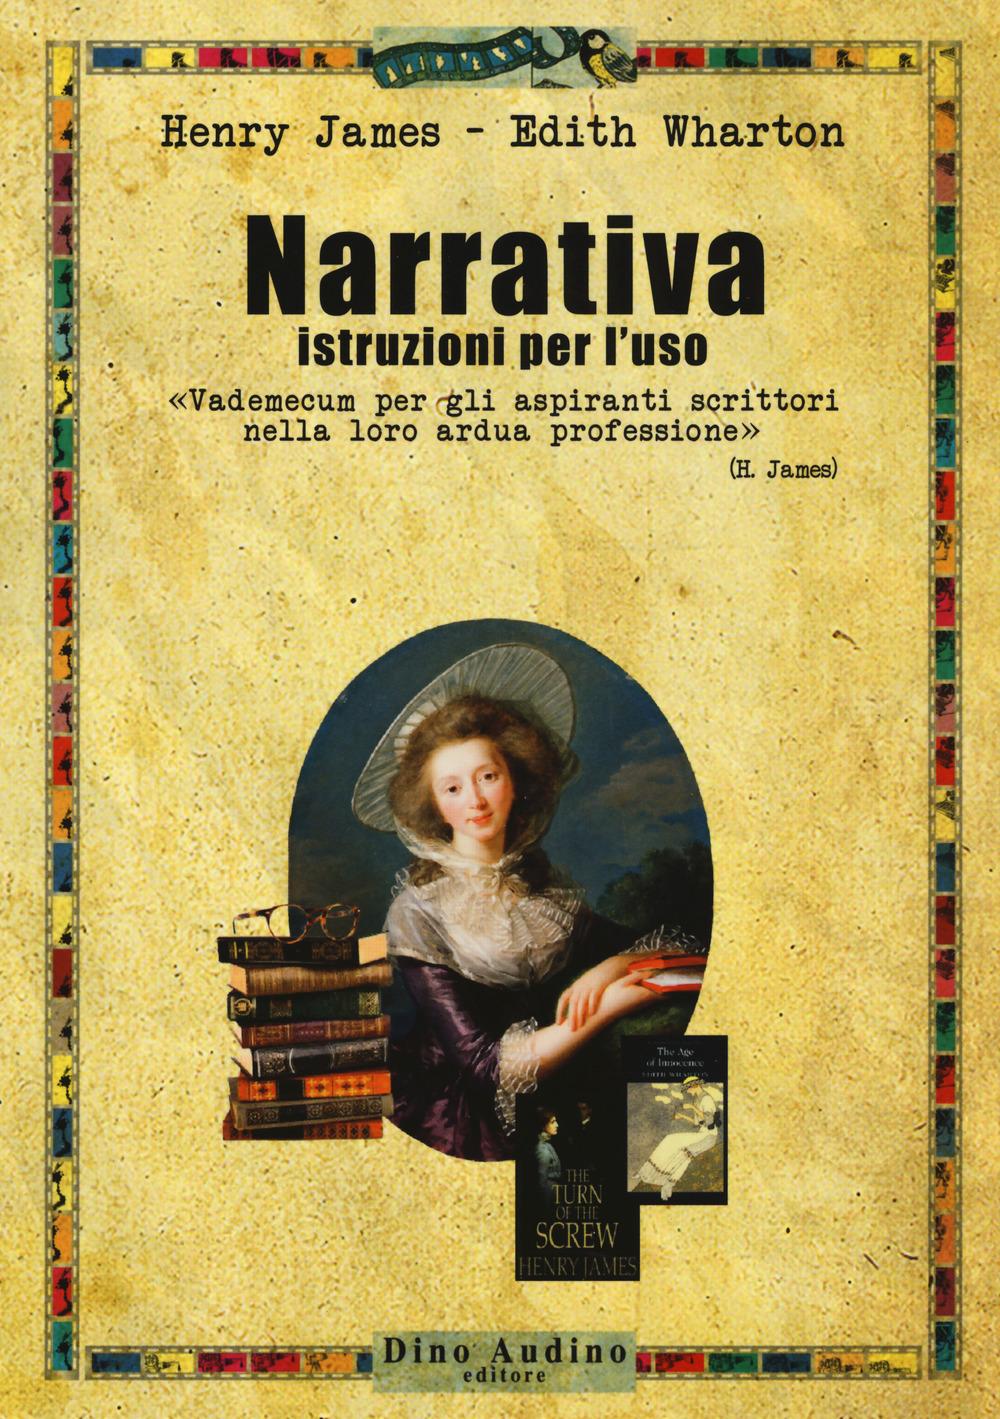 Image of Narrativa. Istruzioni per l'uso